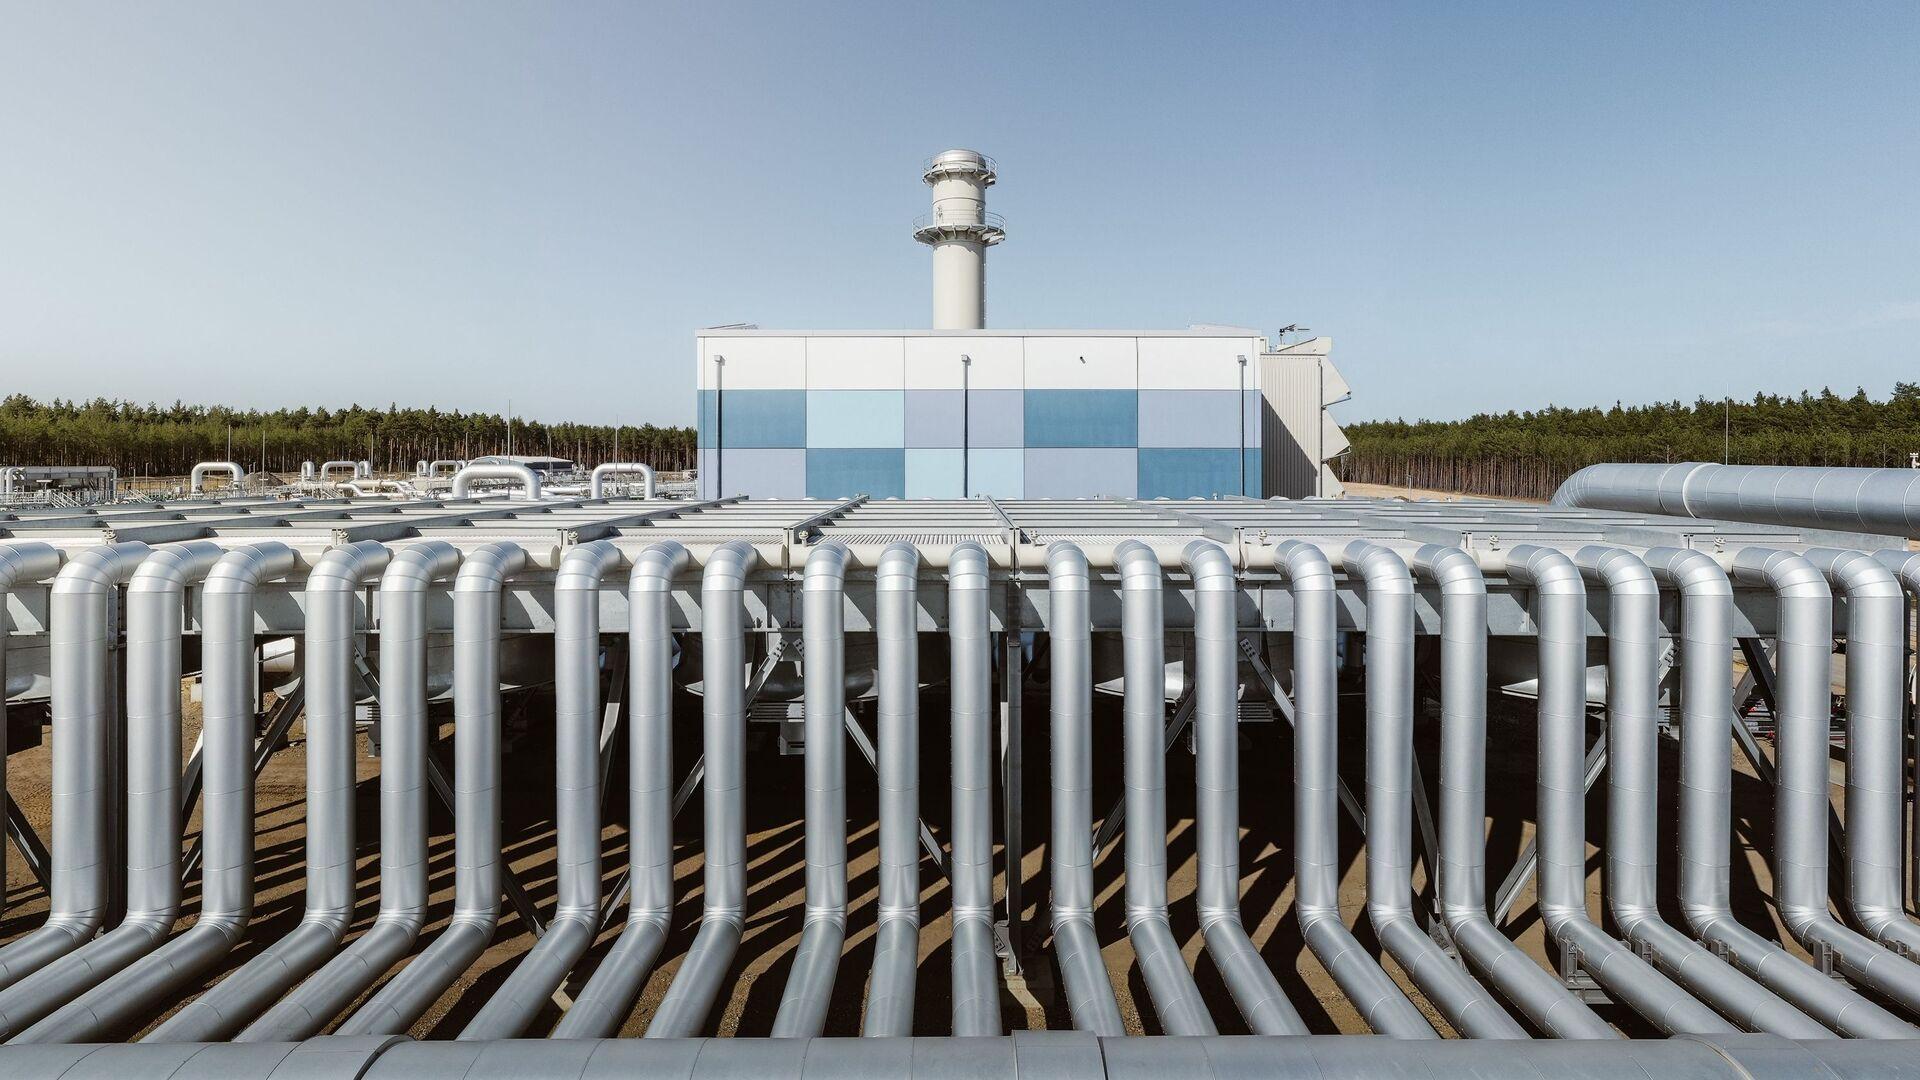 Stavba plynovodu Nord Stream 2 v Německu. Ilustrační foto - Sputnik Česká republika, 1920, 24.08.2021